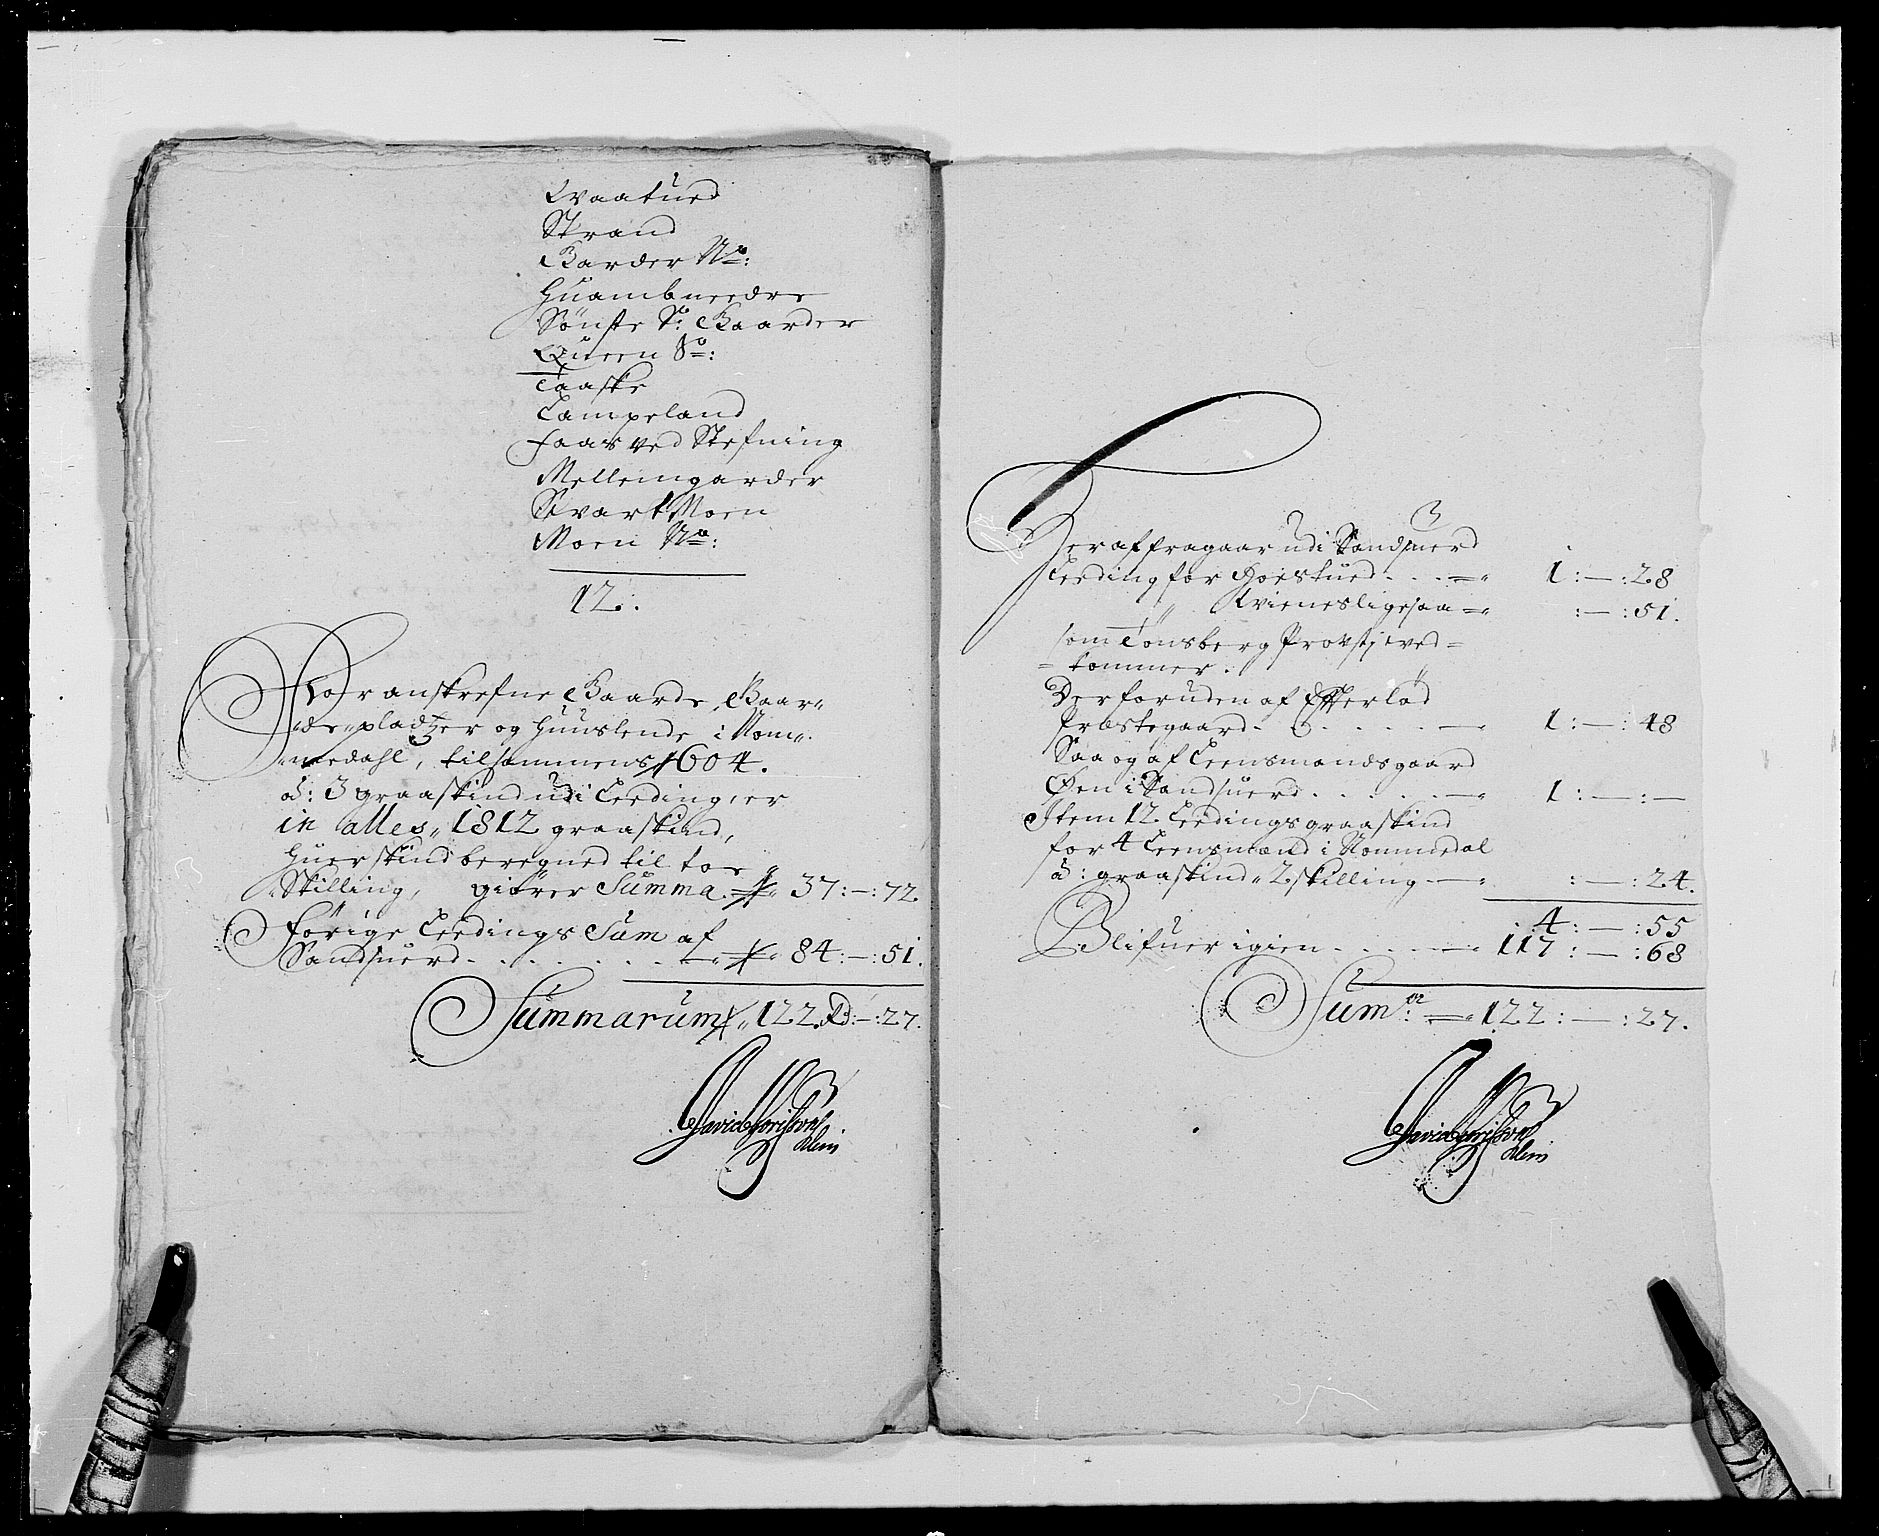 RA, Rentekammeret inntil 1814, Reviderte regnskaper, Fogderegnskap, R24/L1573: Fogderegnskap Numedal og Sandsvær, 1687-1691, s. 368